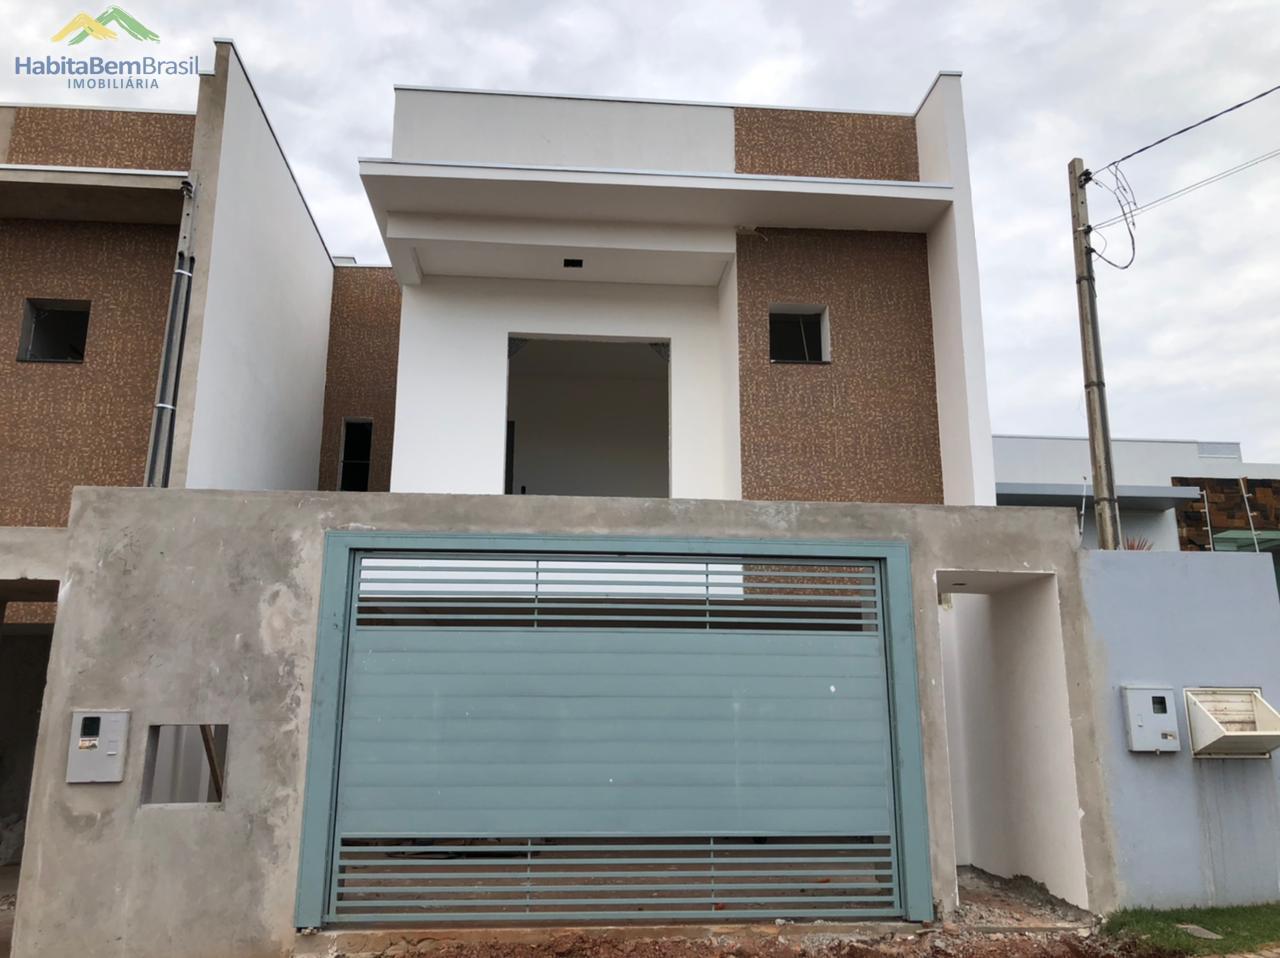 Sobrado com 3 dormitórios à venda, JARDIM PANCERA, TOLEDO - PR